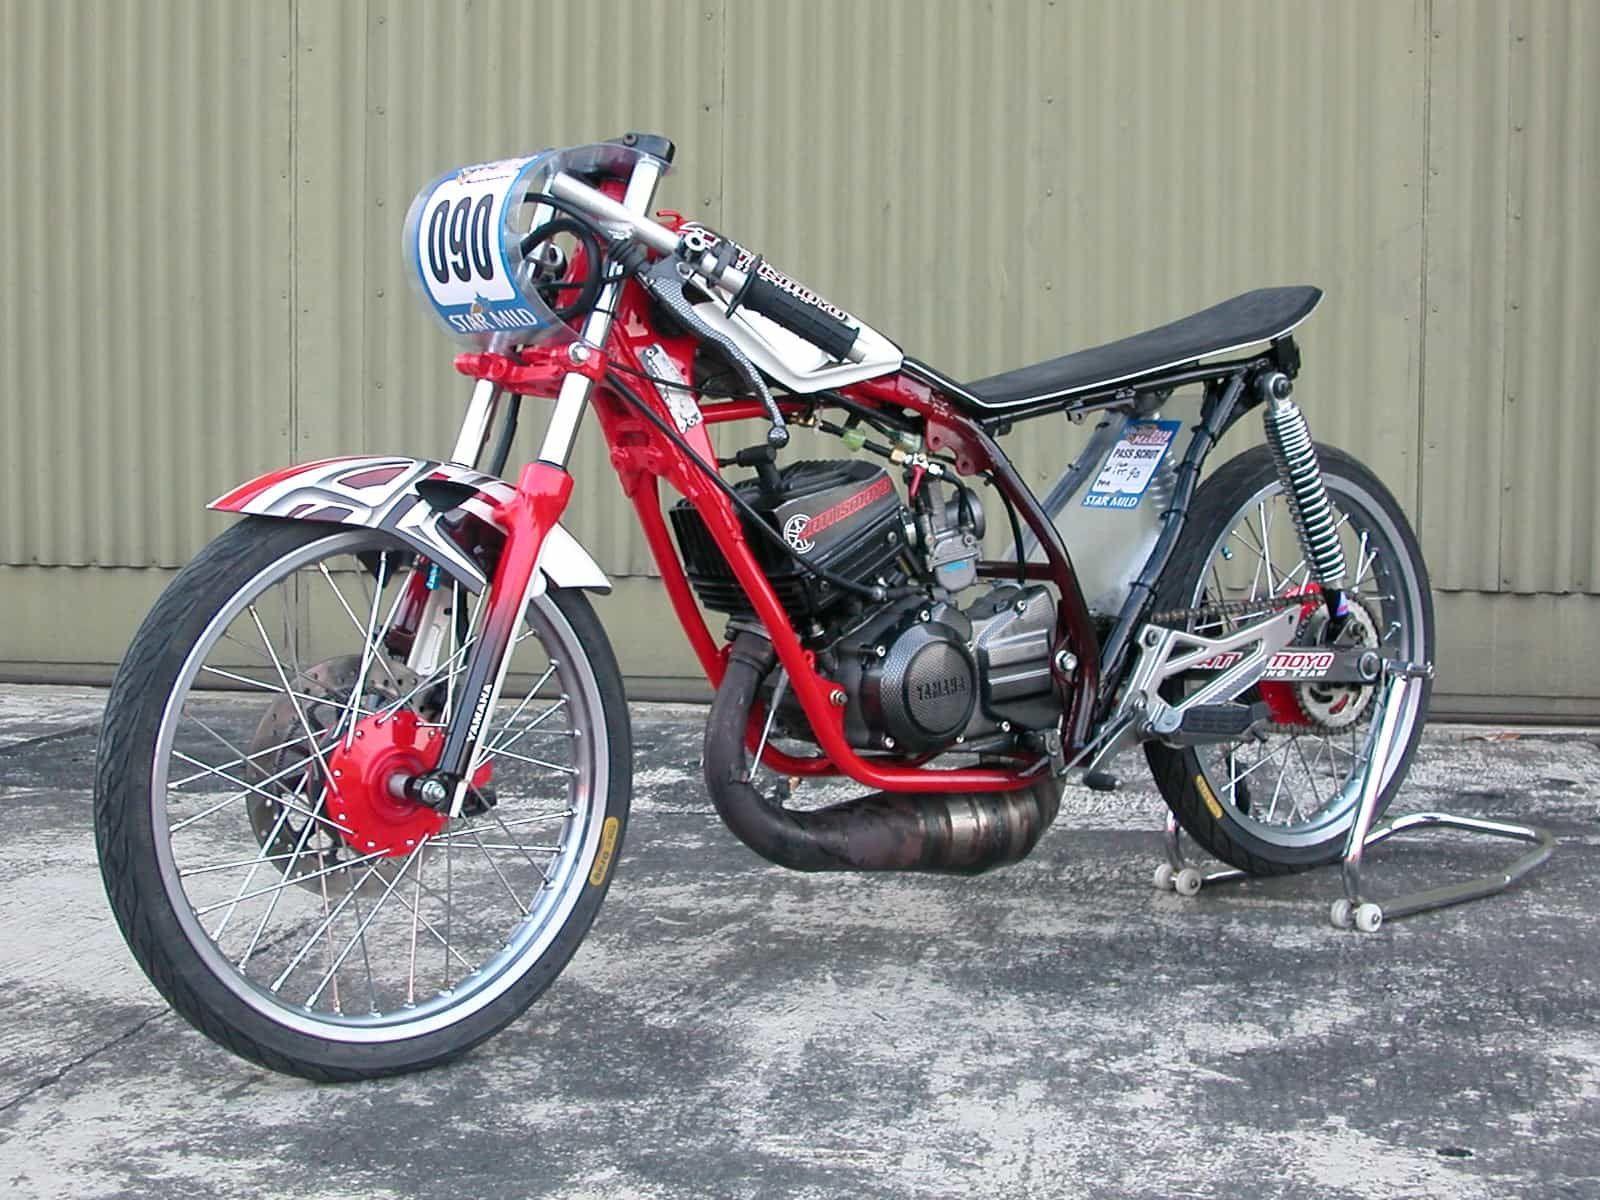 Gambar Modifikasi Motor Drag Foto Modifikasi Motor Drag Motor